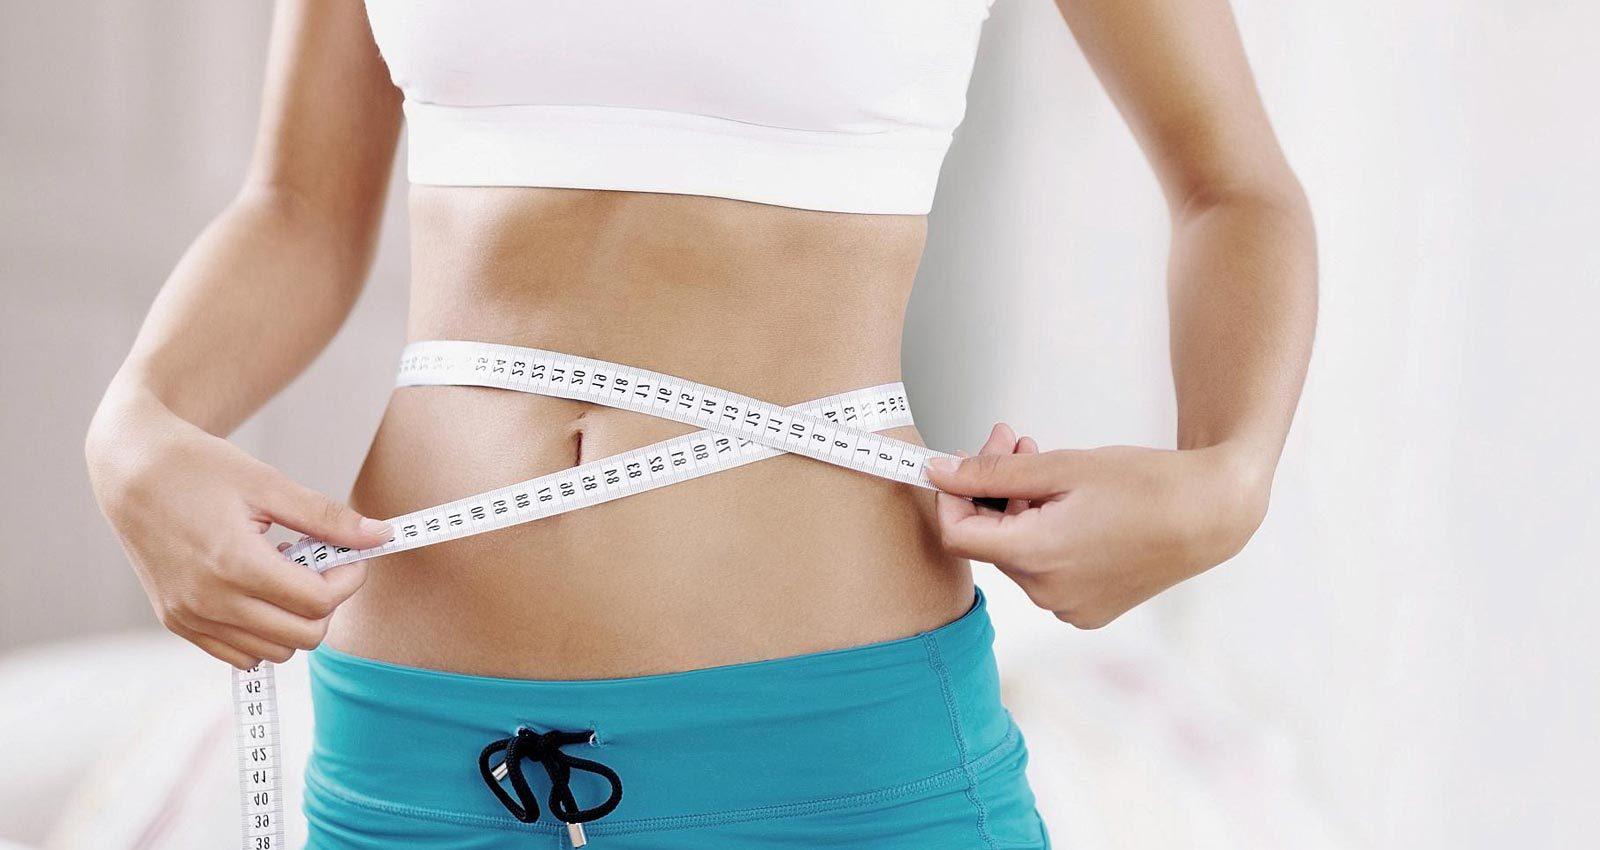 استفاده از مواد غذایی پروتئین دار را در مرکز توجه خود قرار دهید.